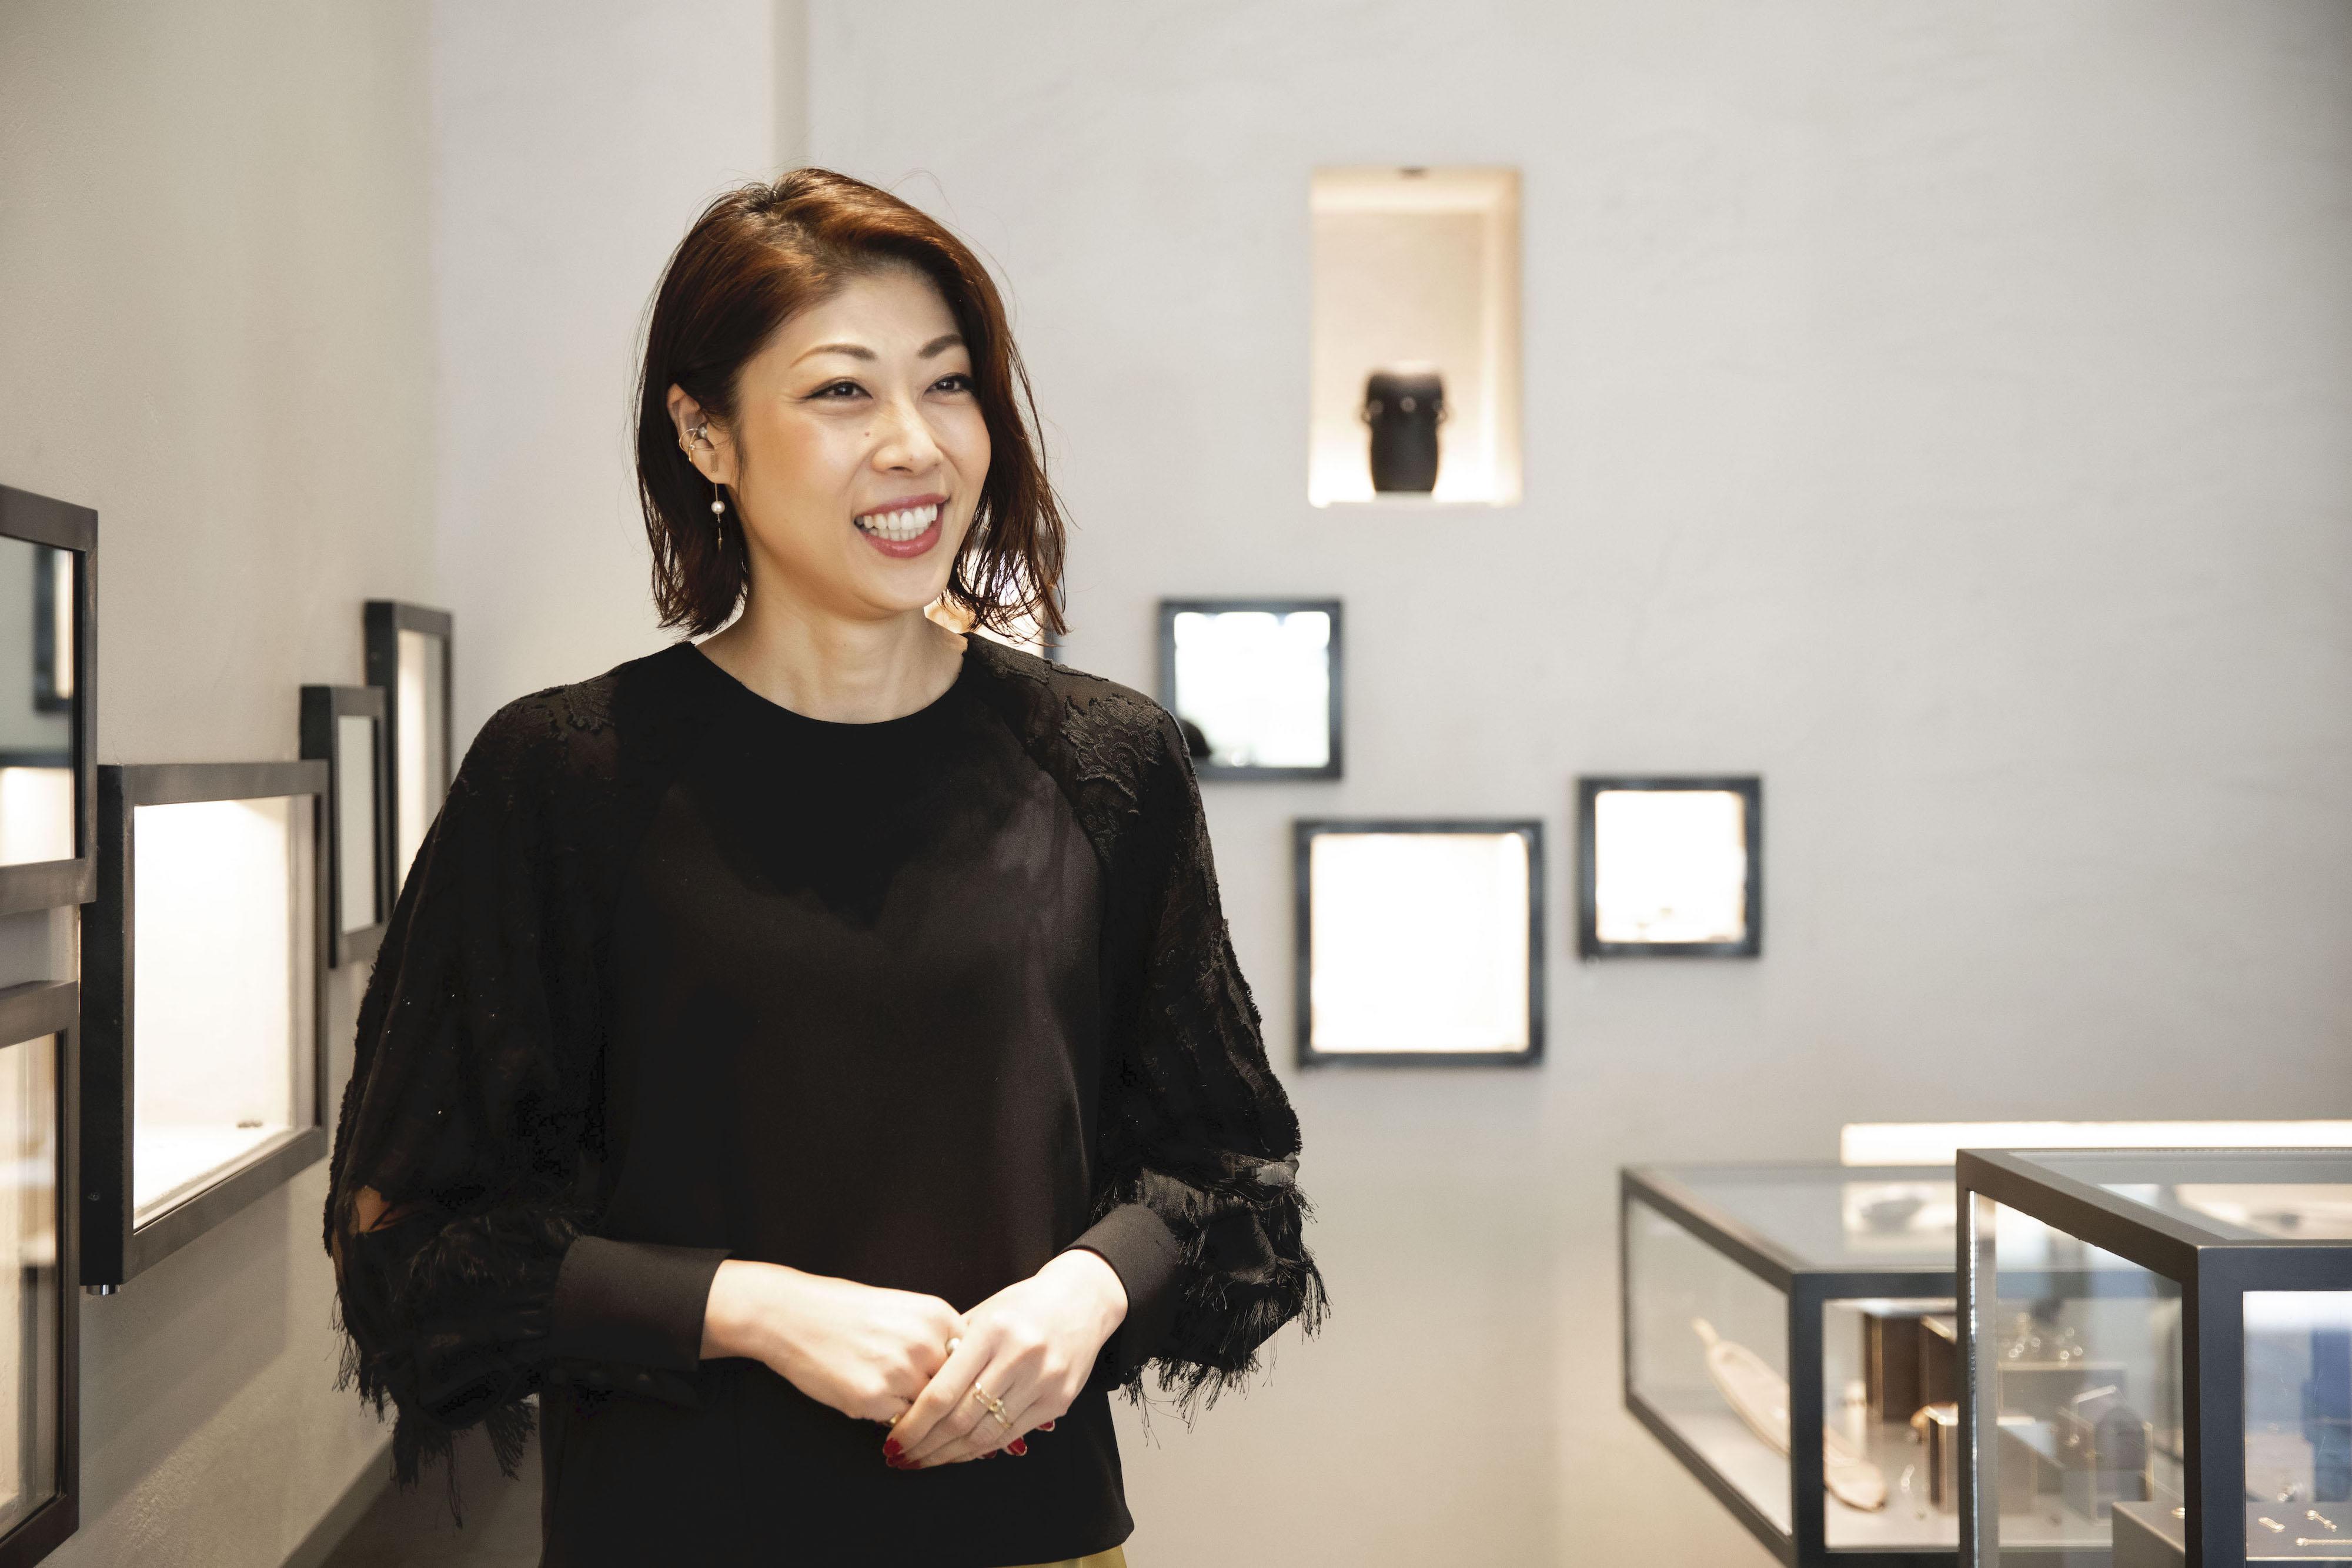 「それは、人生に寄り添うもの」ジュエリーの新たな魅力を伝えるHirotaka大沼好美さんインタビュー